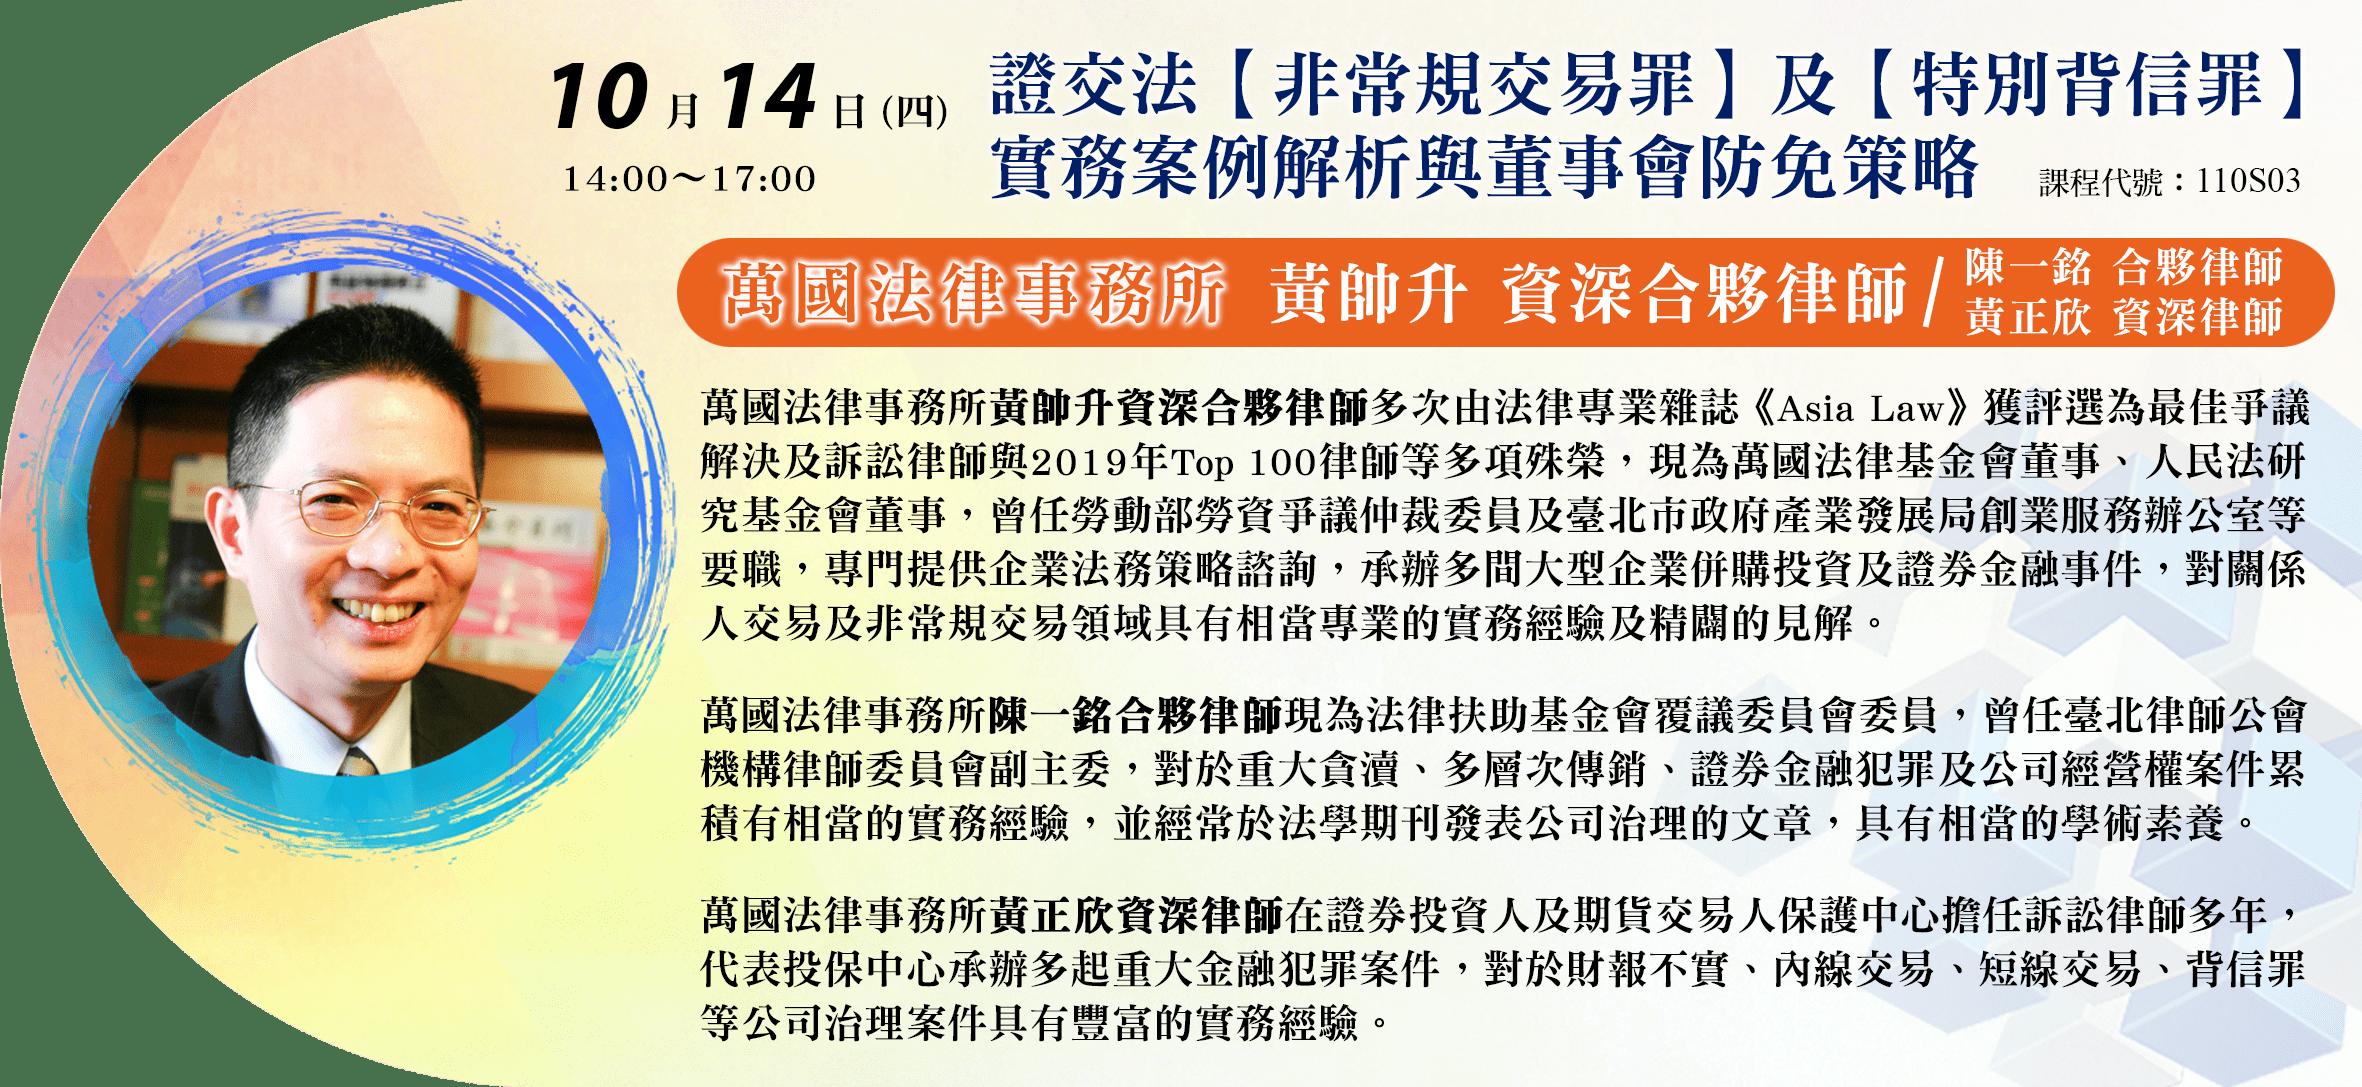 2021單元課程班(9-10月)-橫式講者介紹-1014